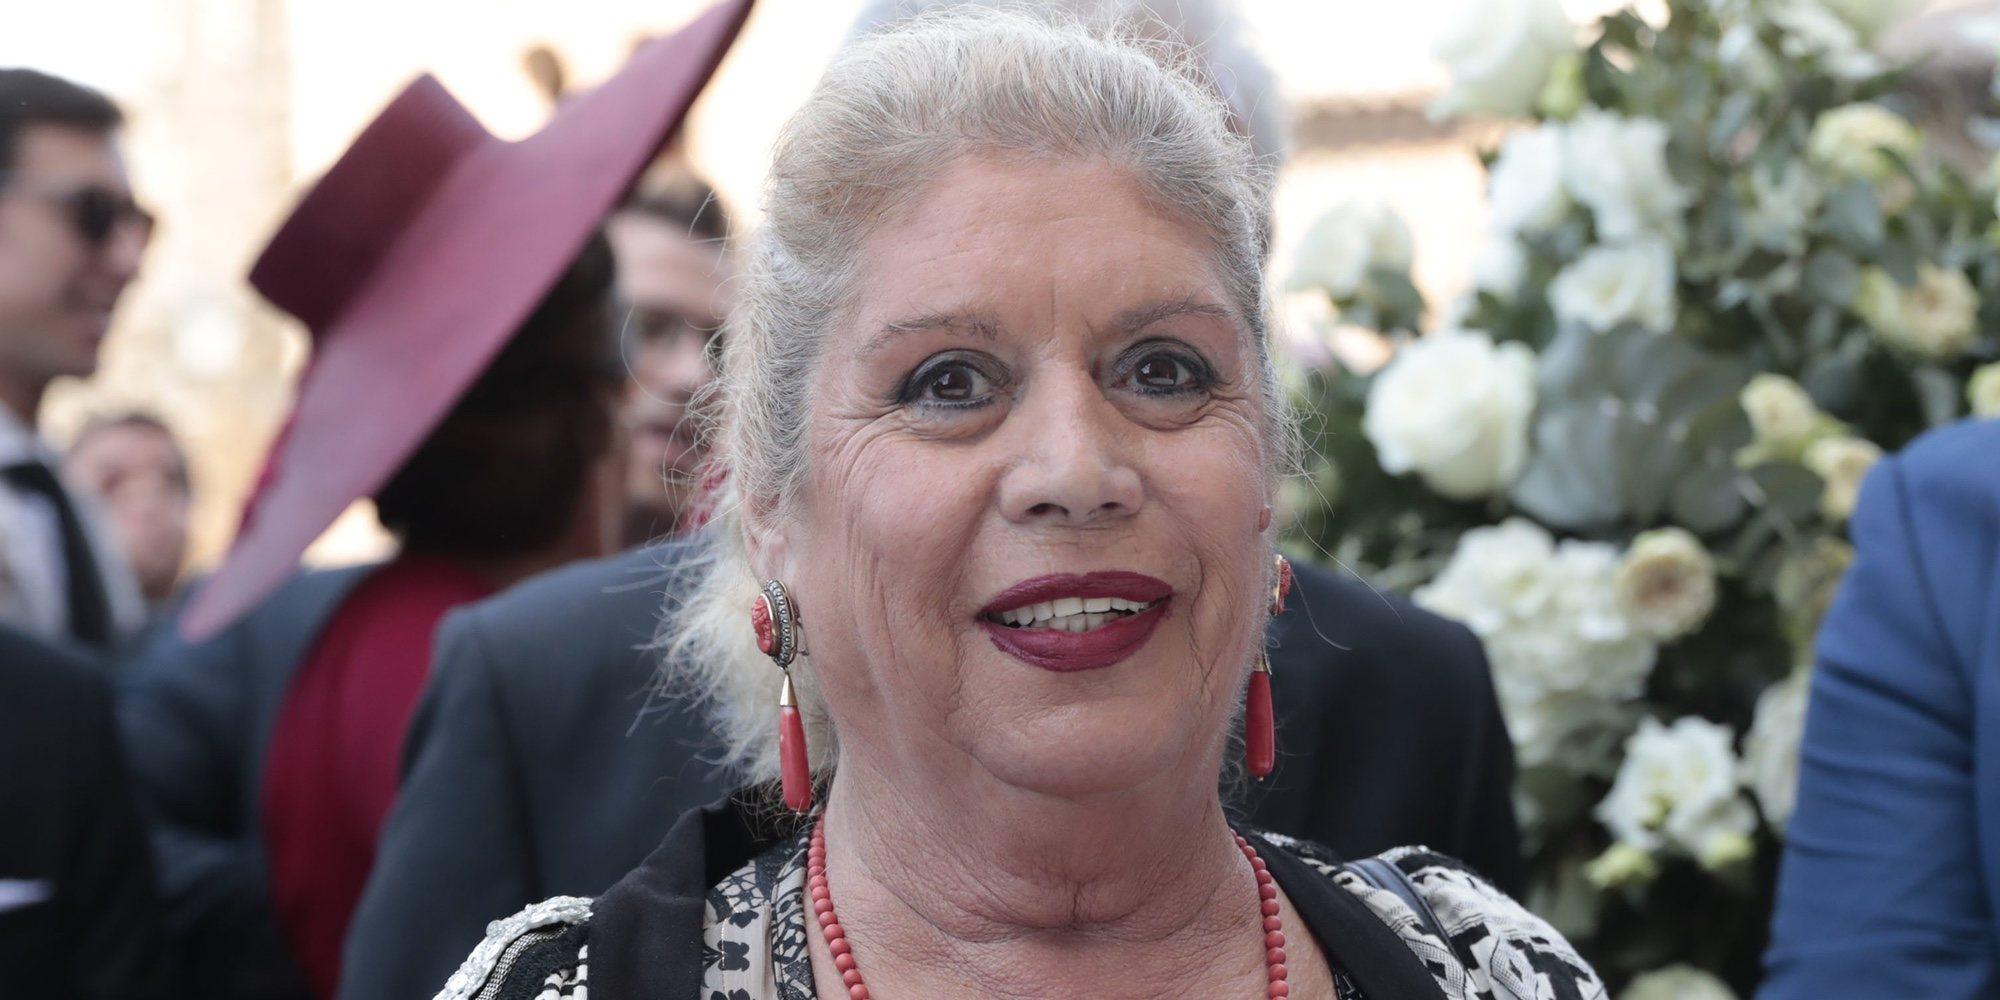 María Jiménez reaparece con un aspecto inmejorable tras sus graves problemas de salud